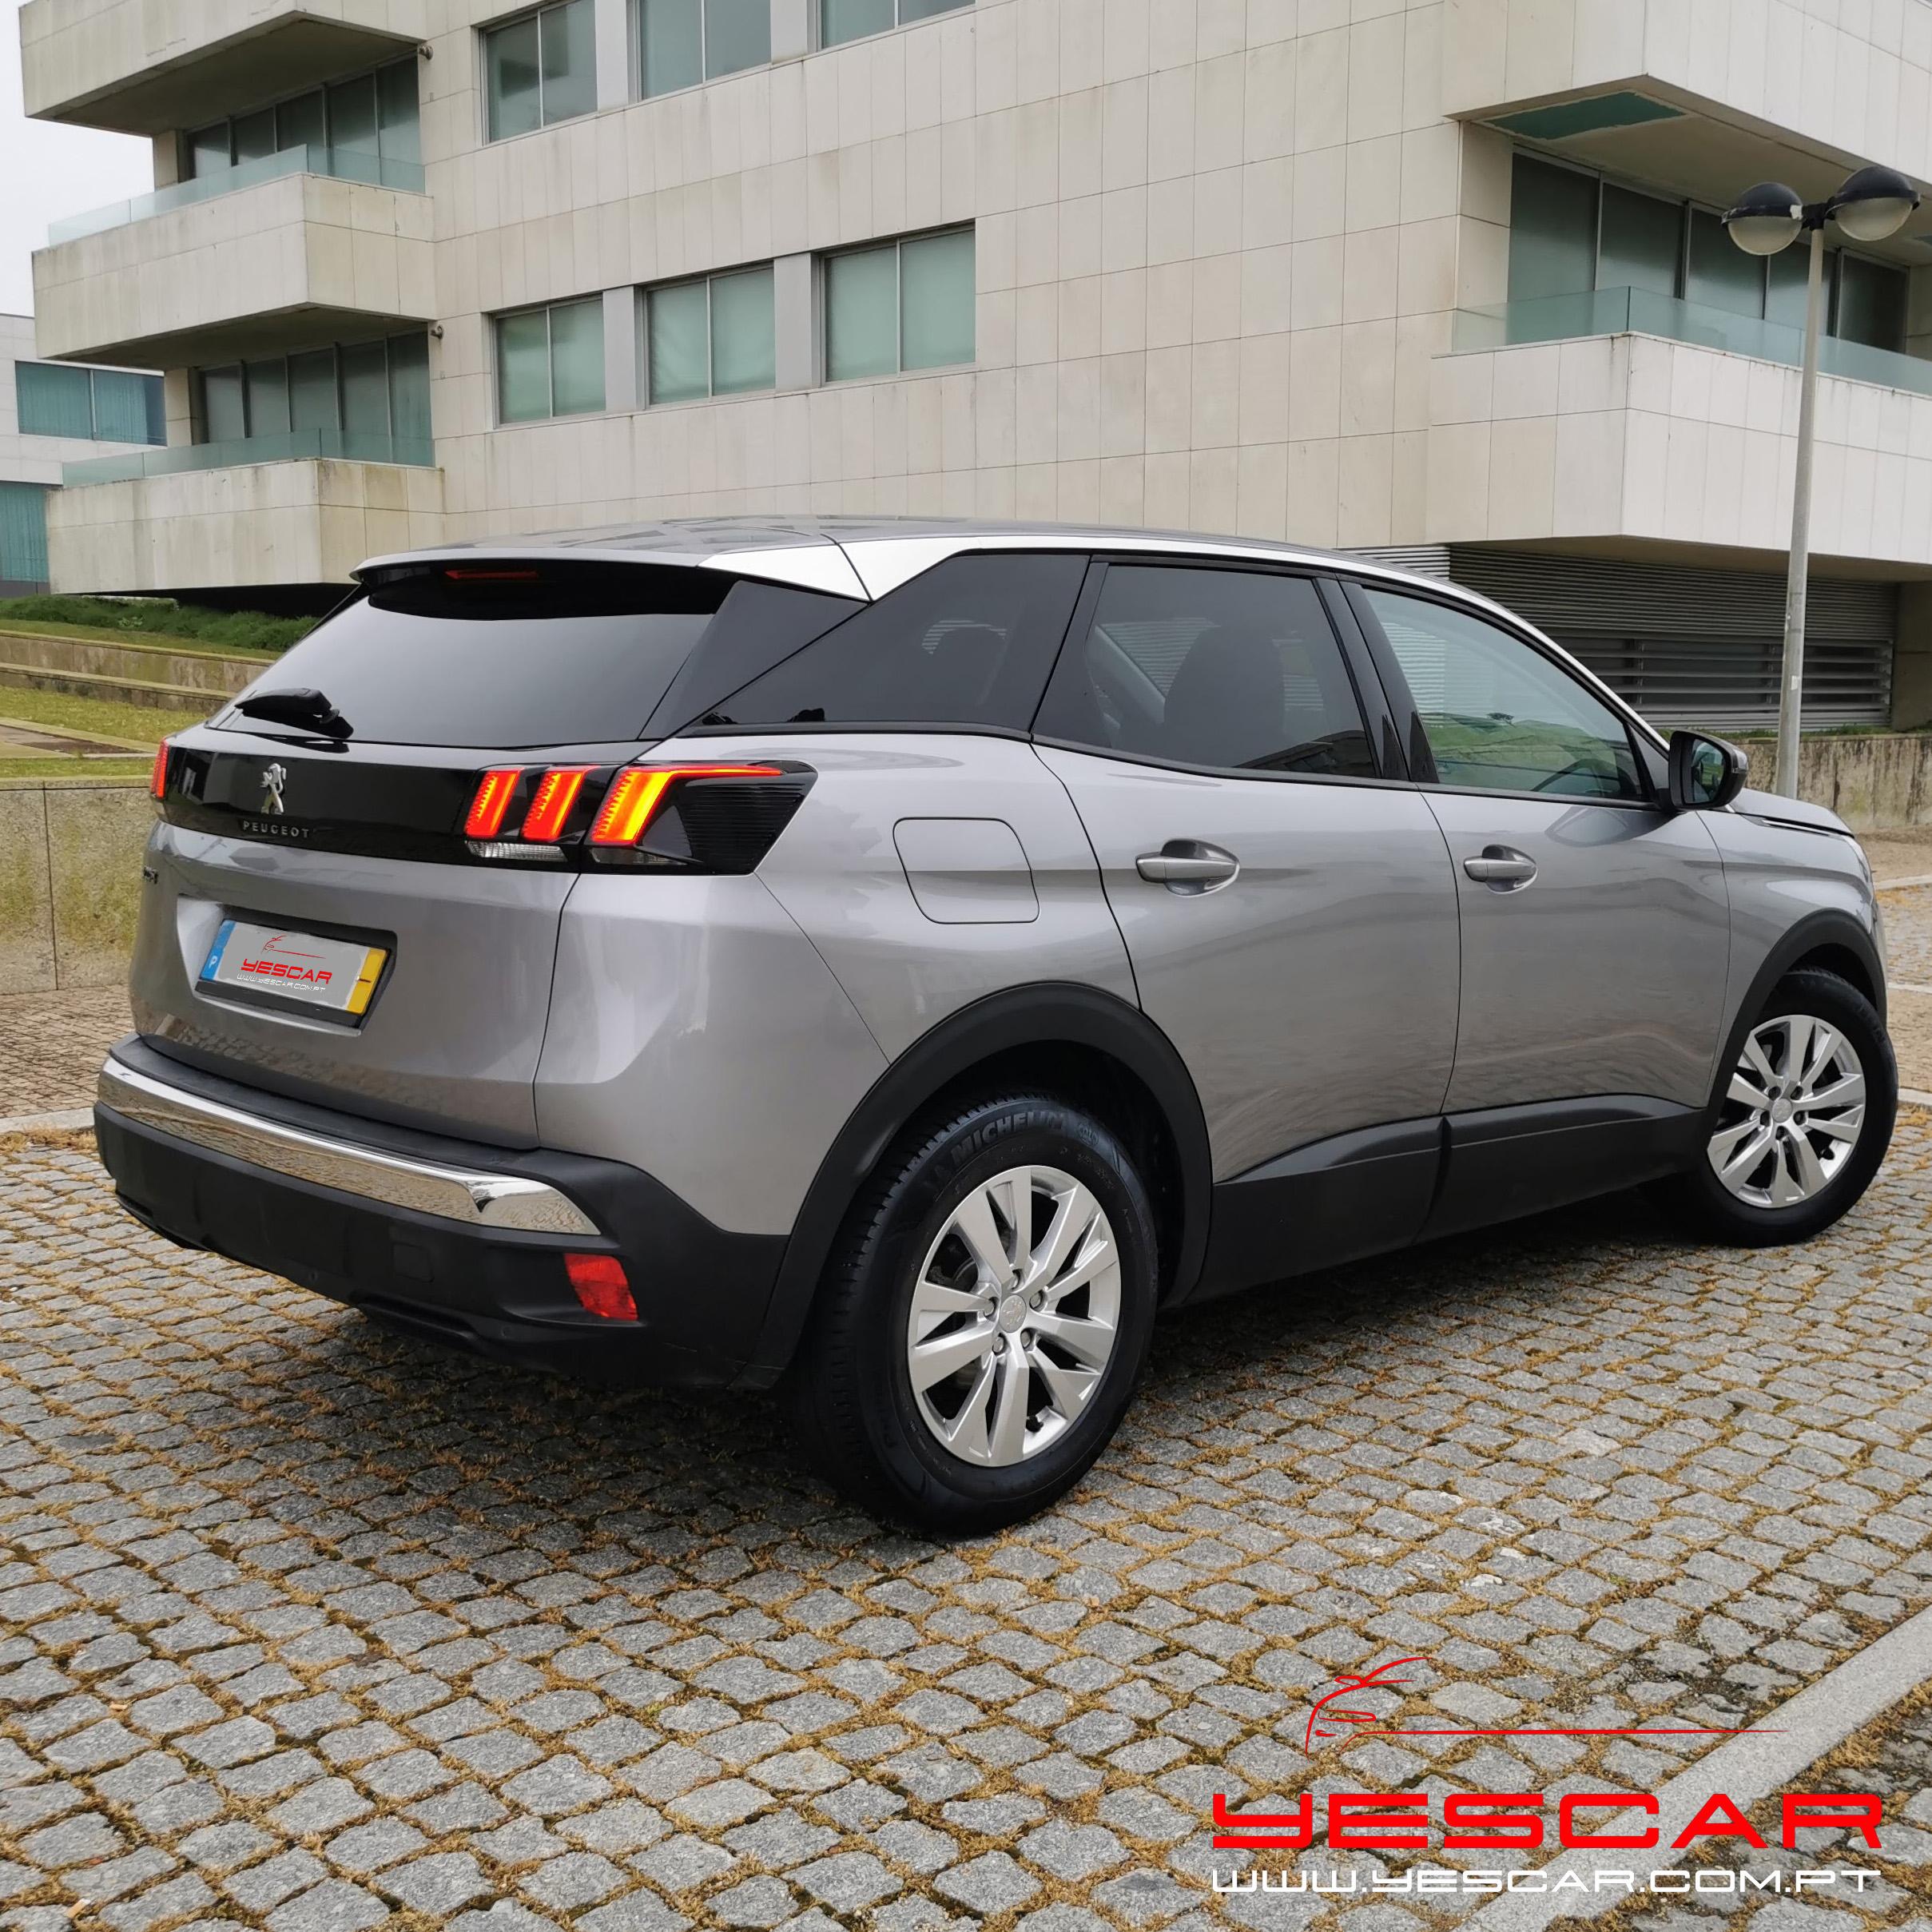 YESCAR_Peugeot 3008 (16)